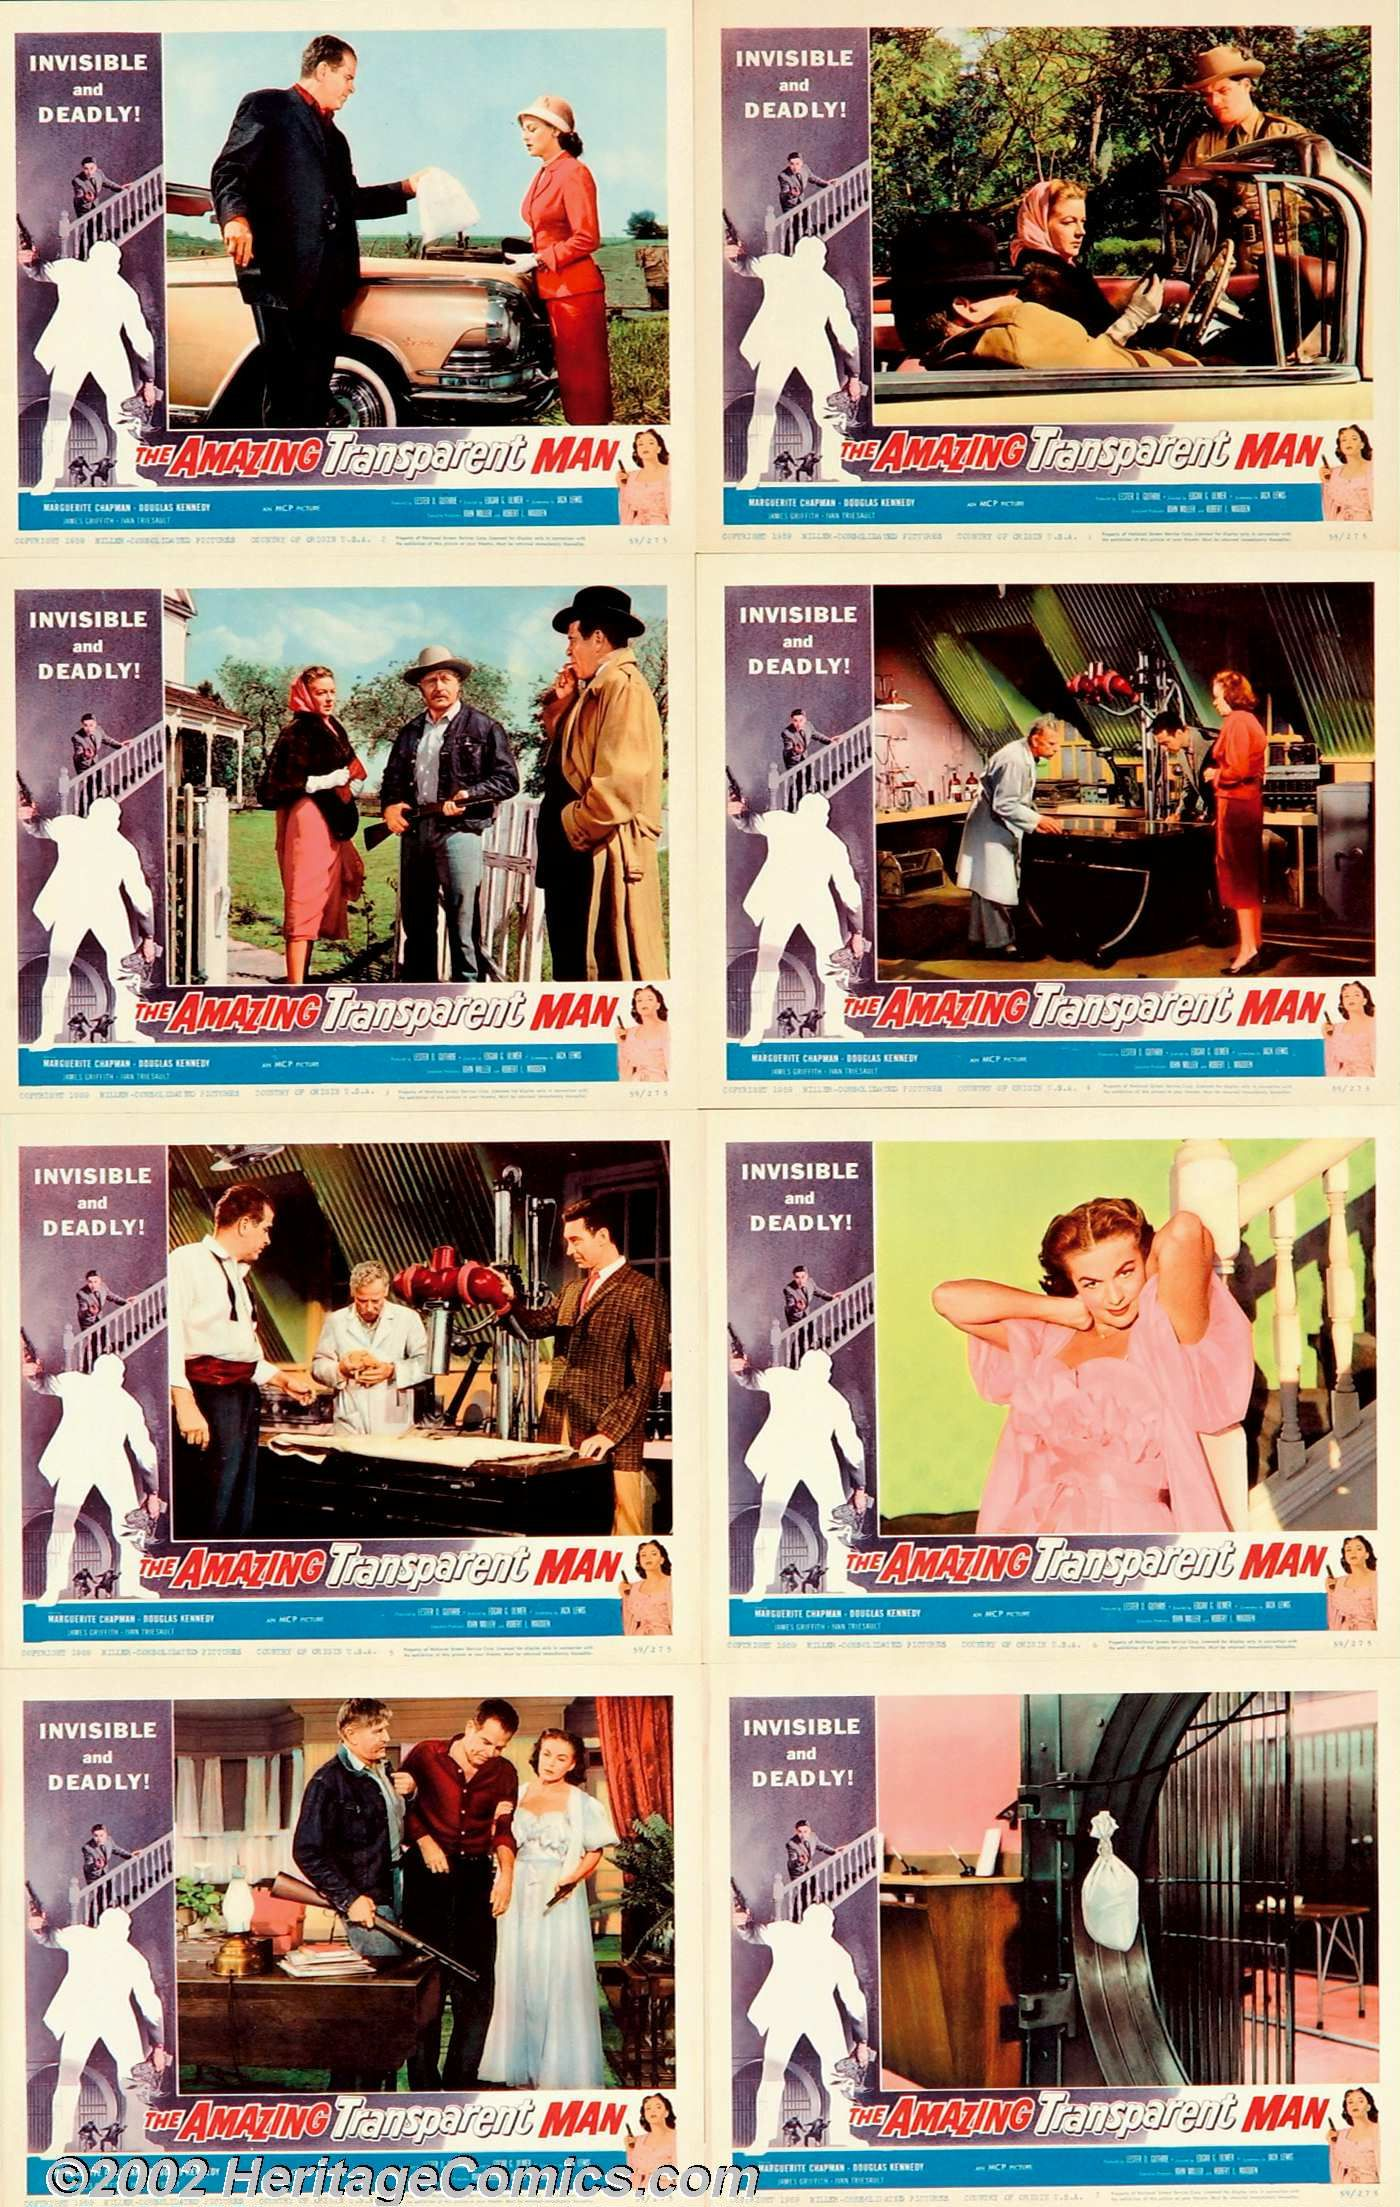 Amazing Transparent Man (1960)